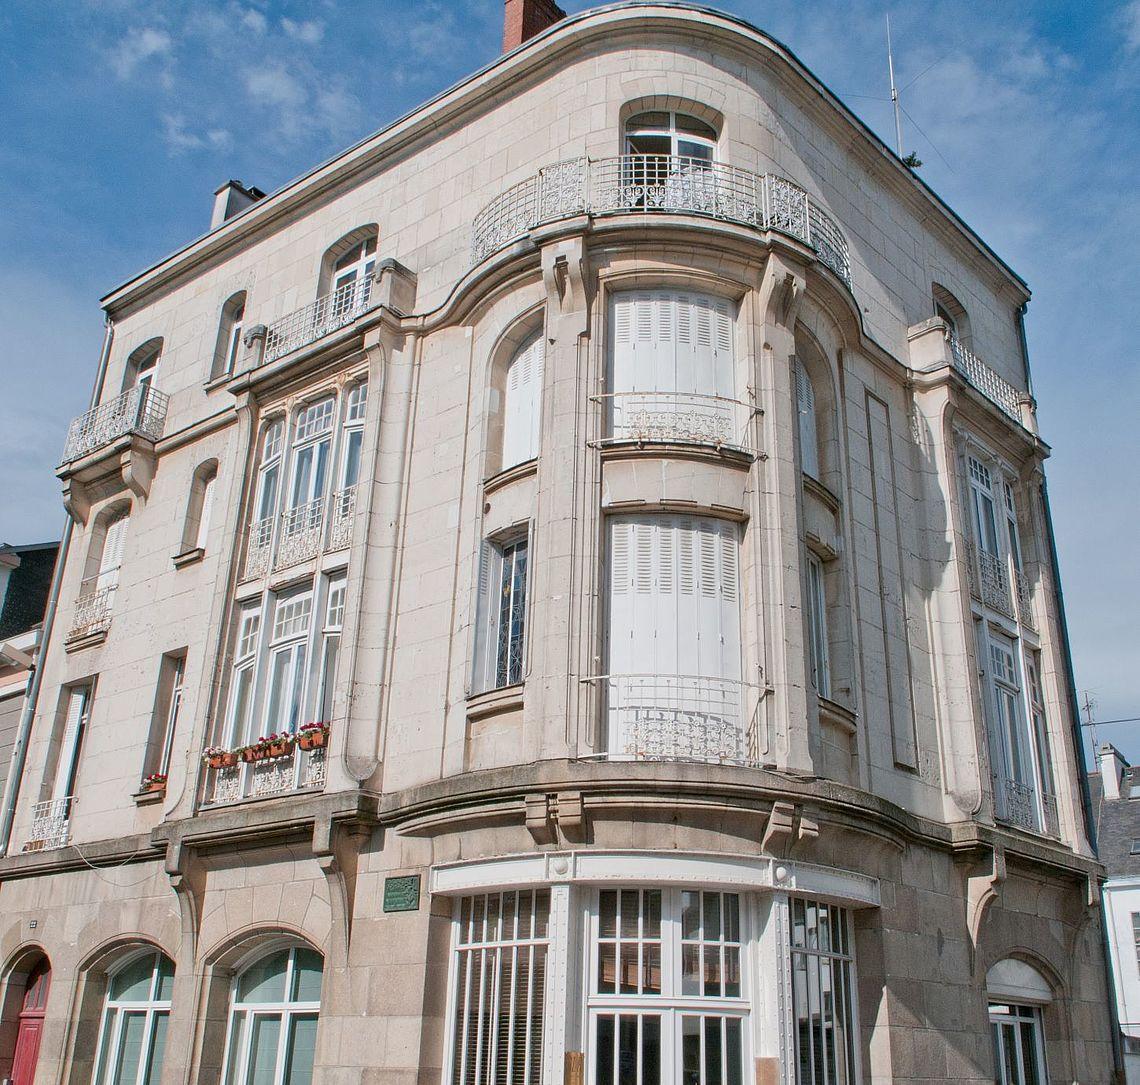 immeuble en haut de la rue Poissonnière... cliquez pour agrandir